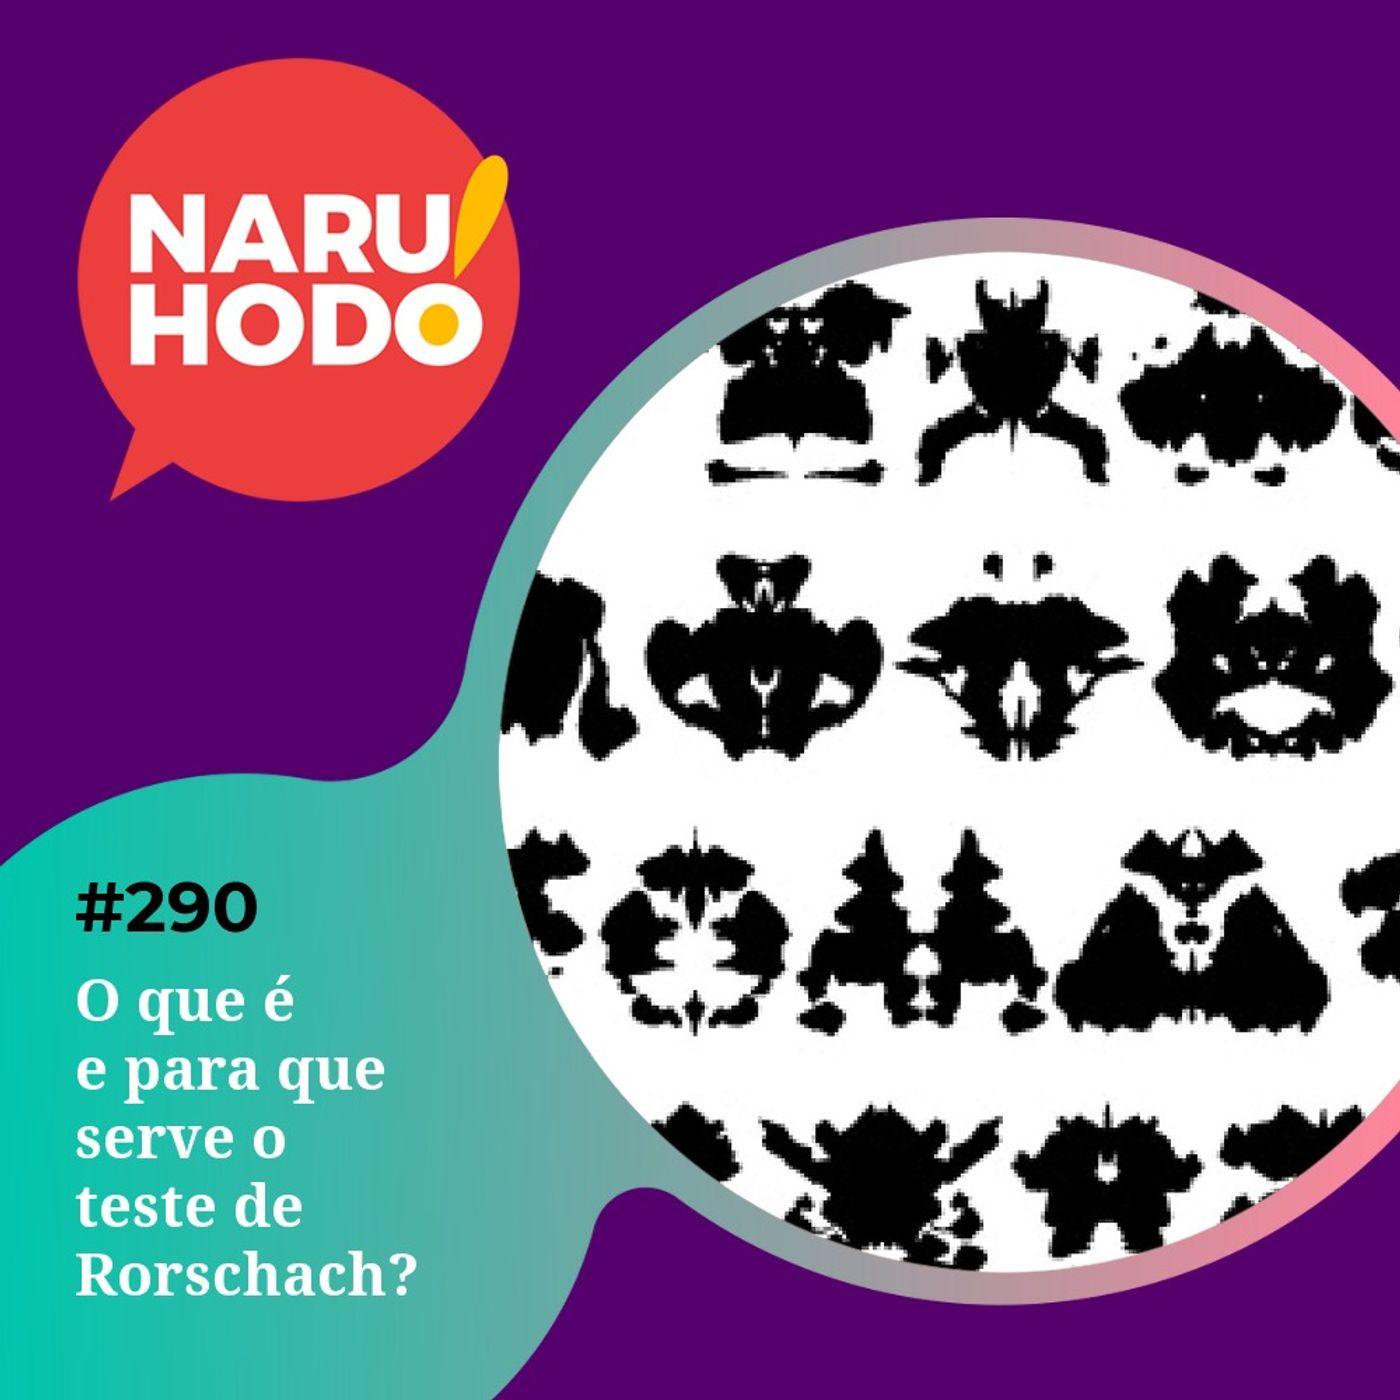 Naruhodo #290 - O que é e para que serve o teste de Rorschach?